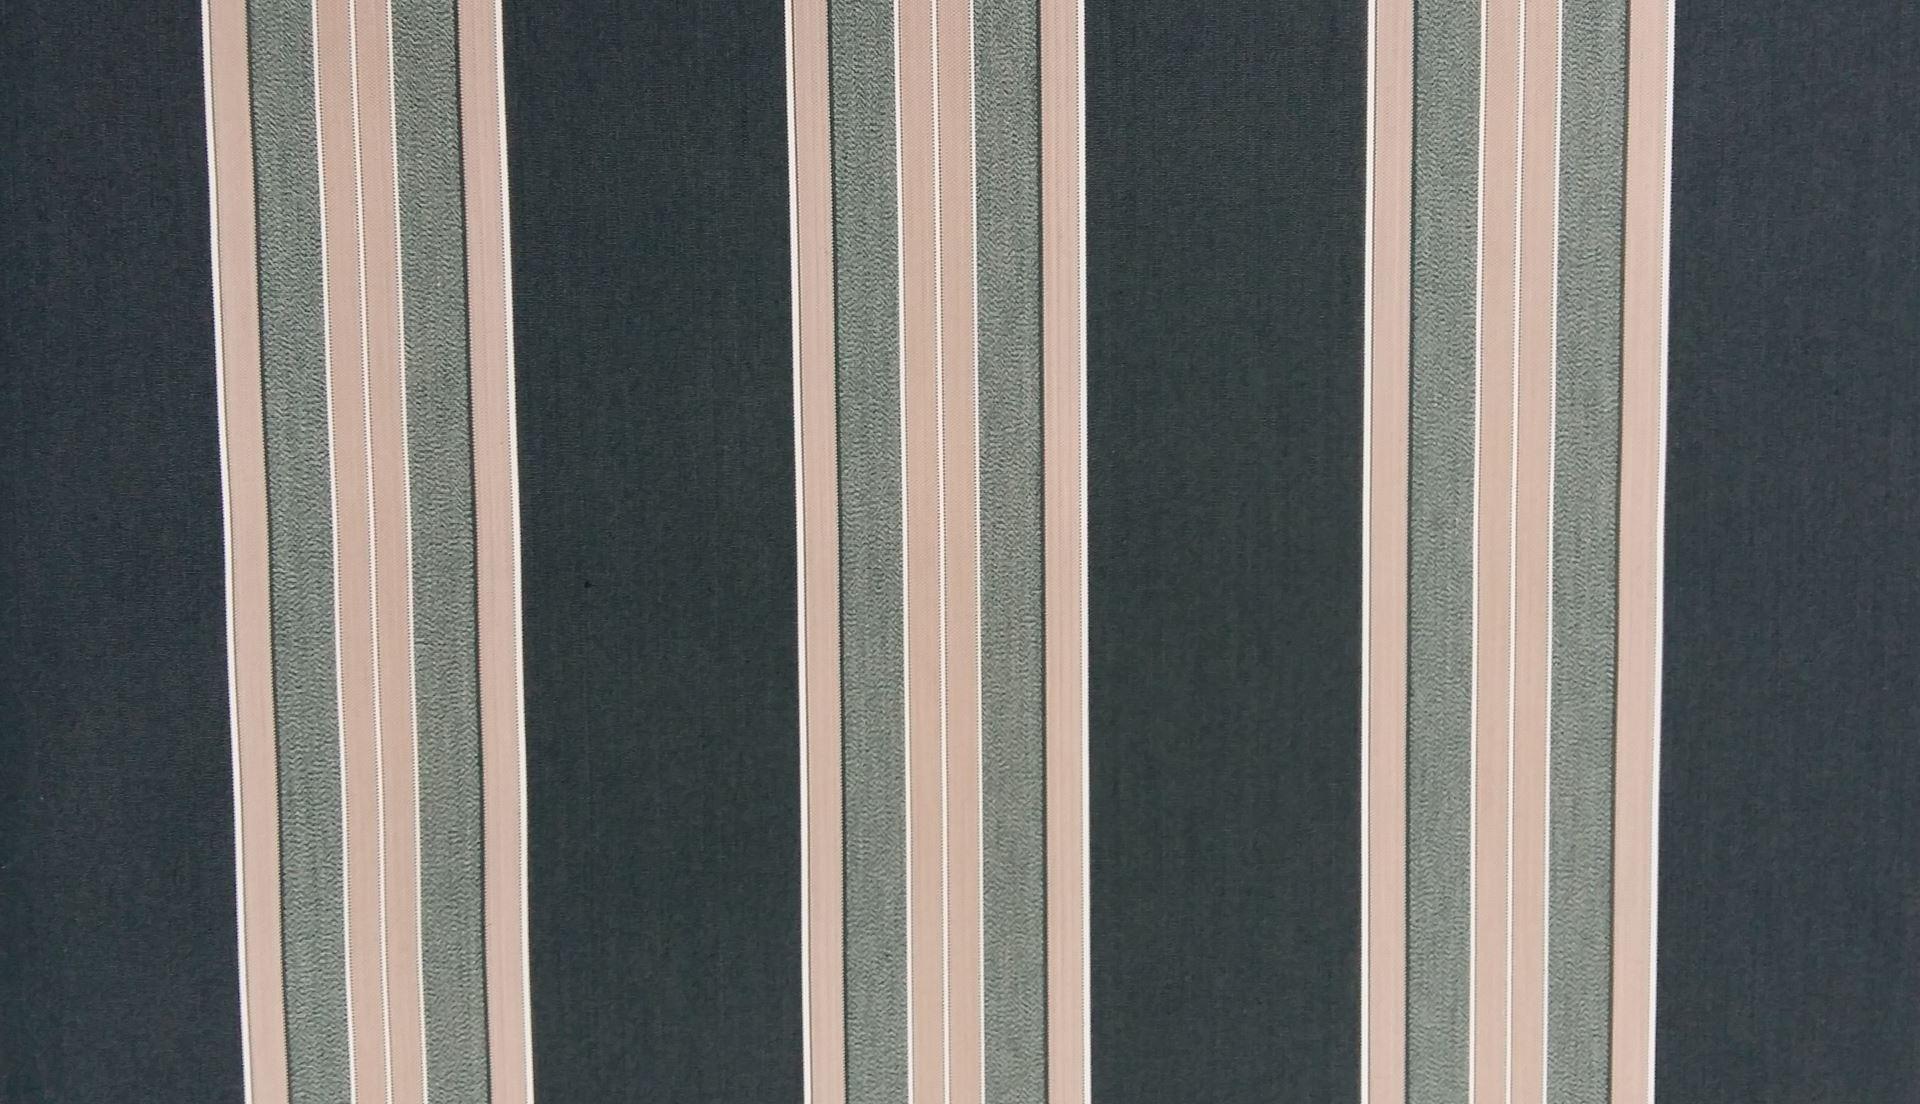 Rollersur toldo vertical tela lona acrilica rayada for Tela para toldos